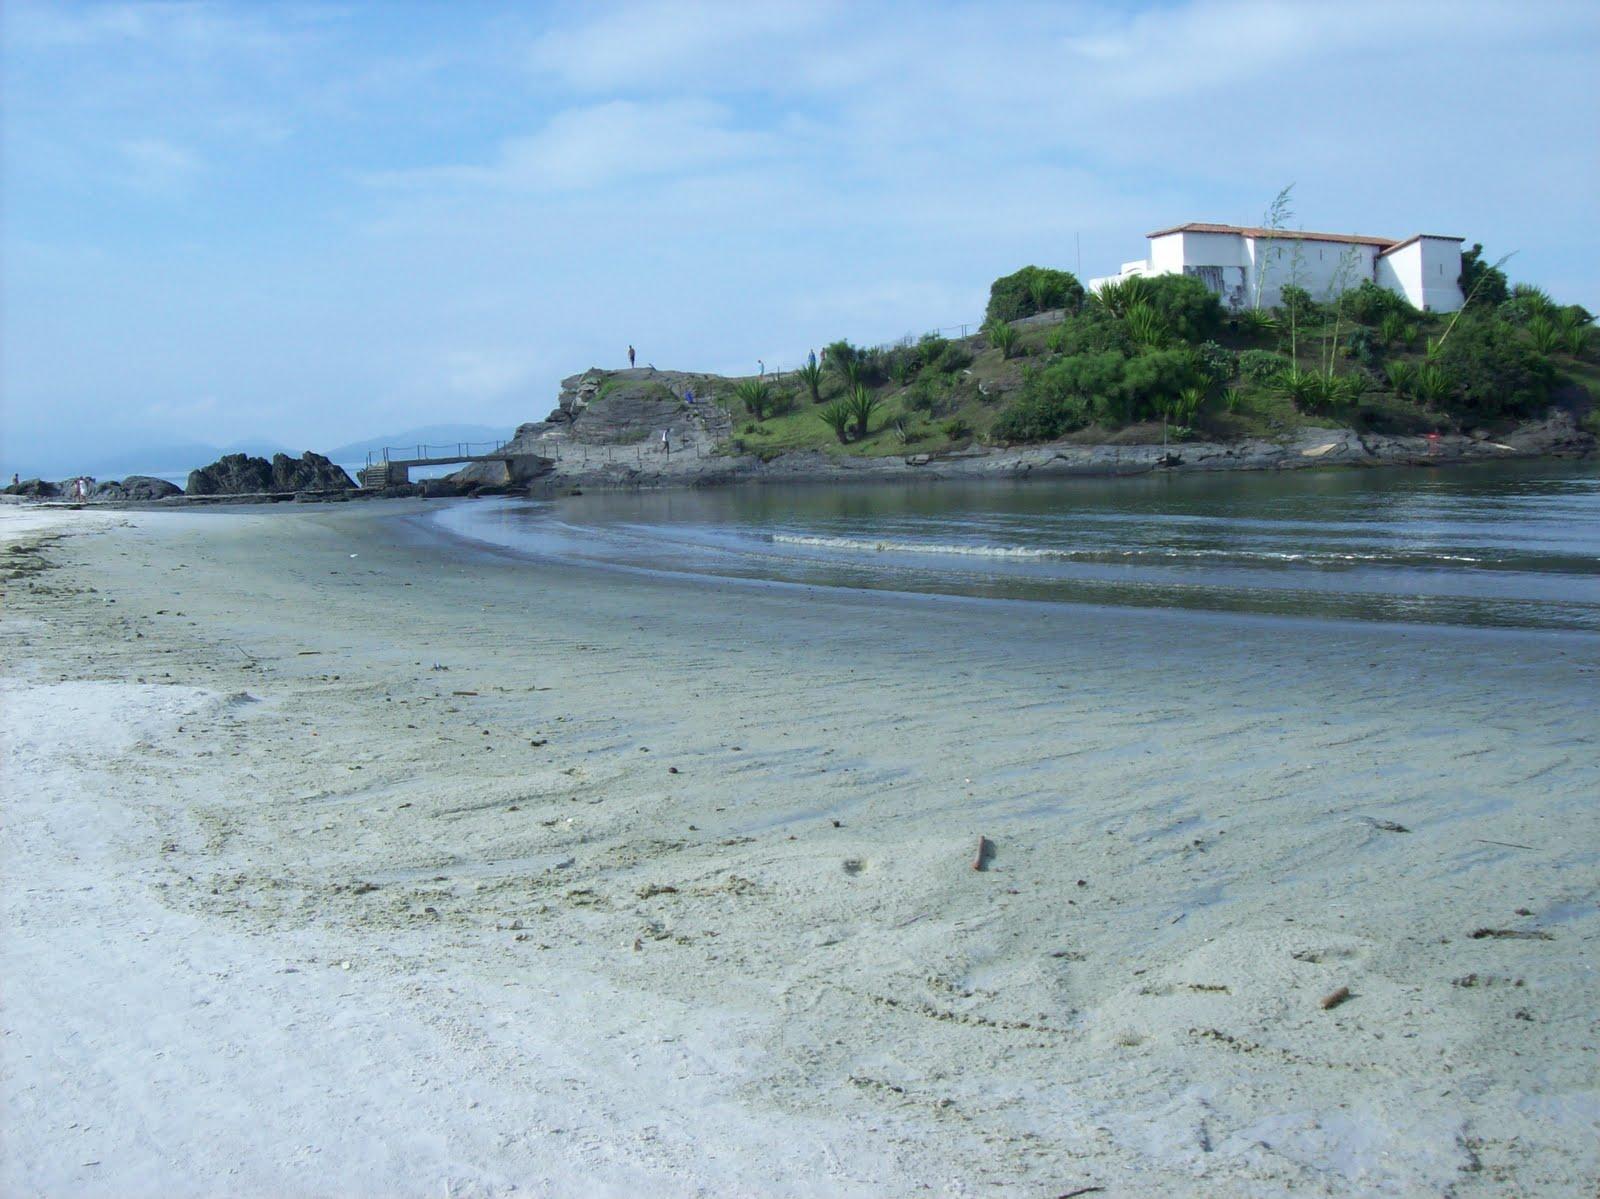 Fotos da praia do forte em cabo frio rj 45